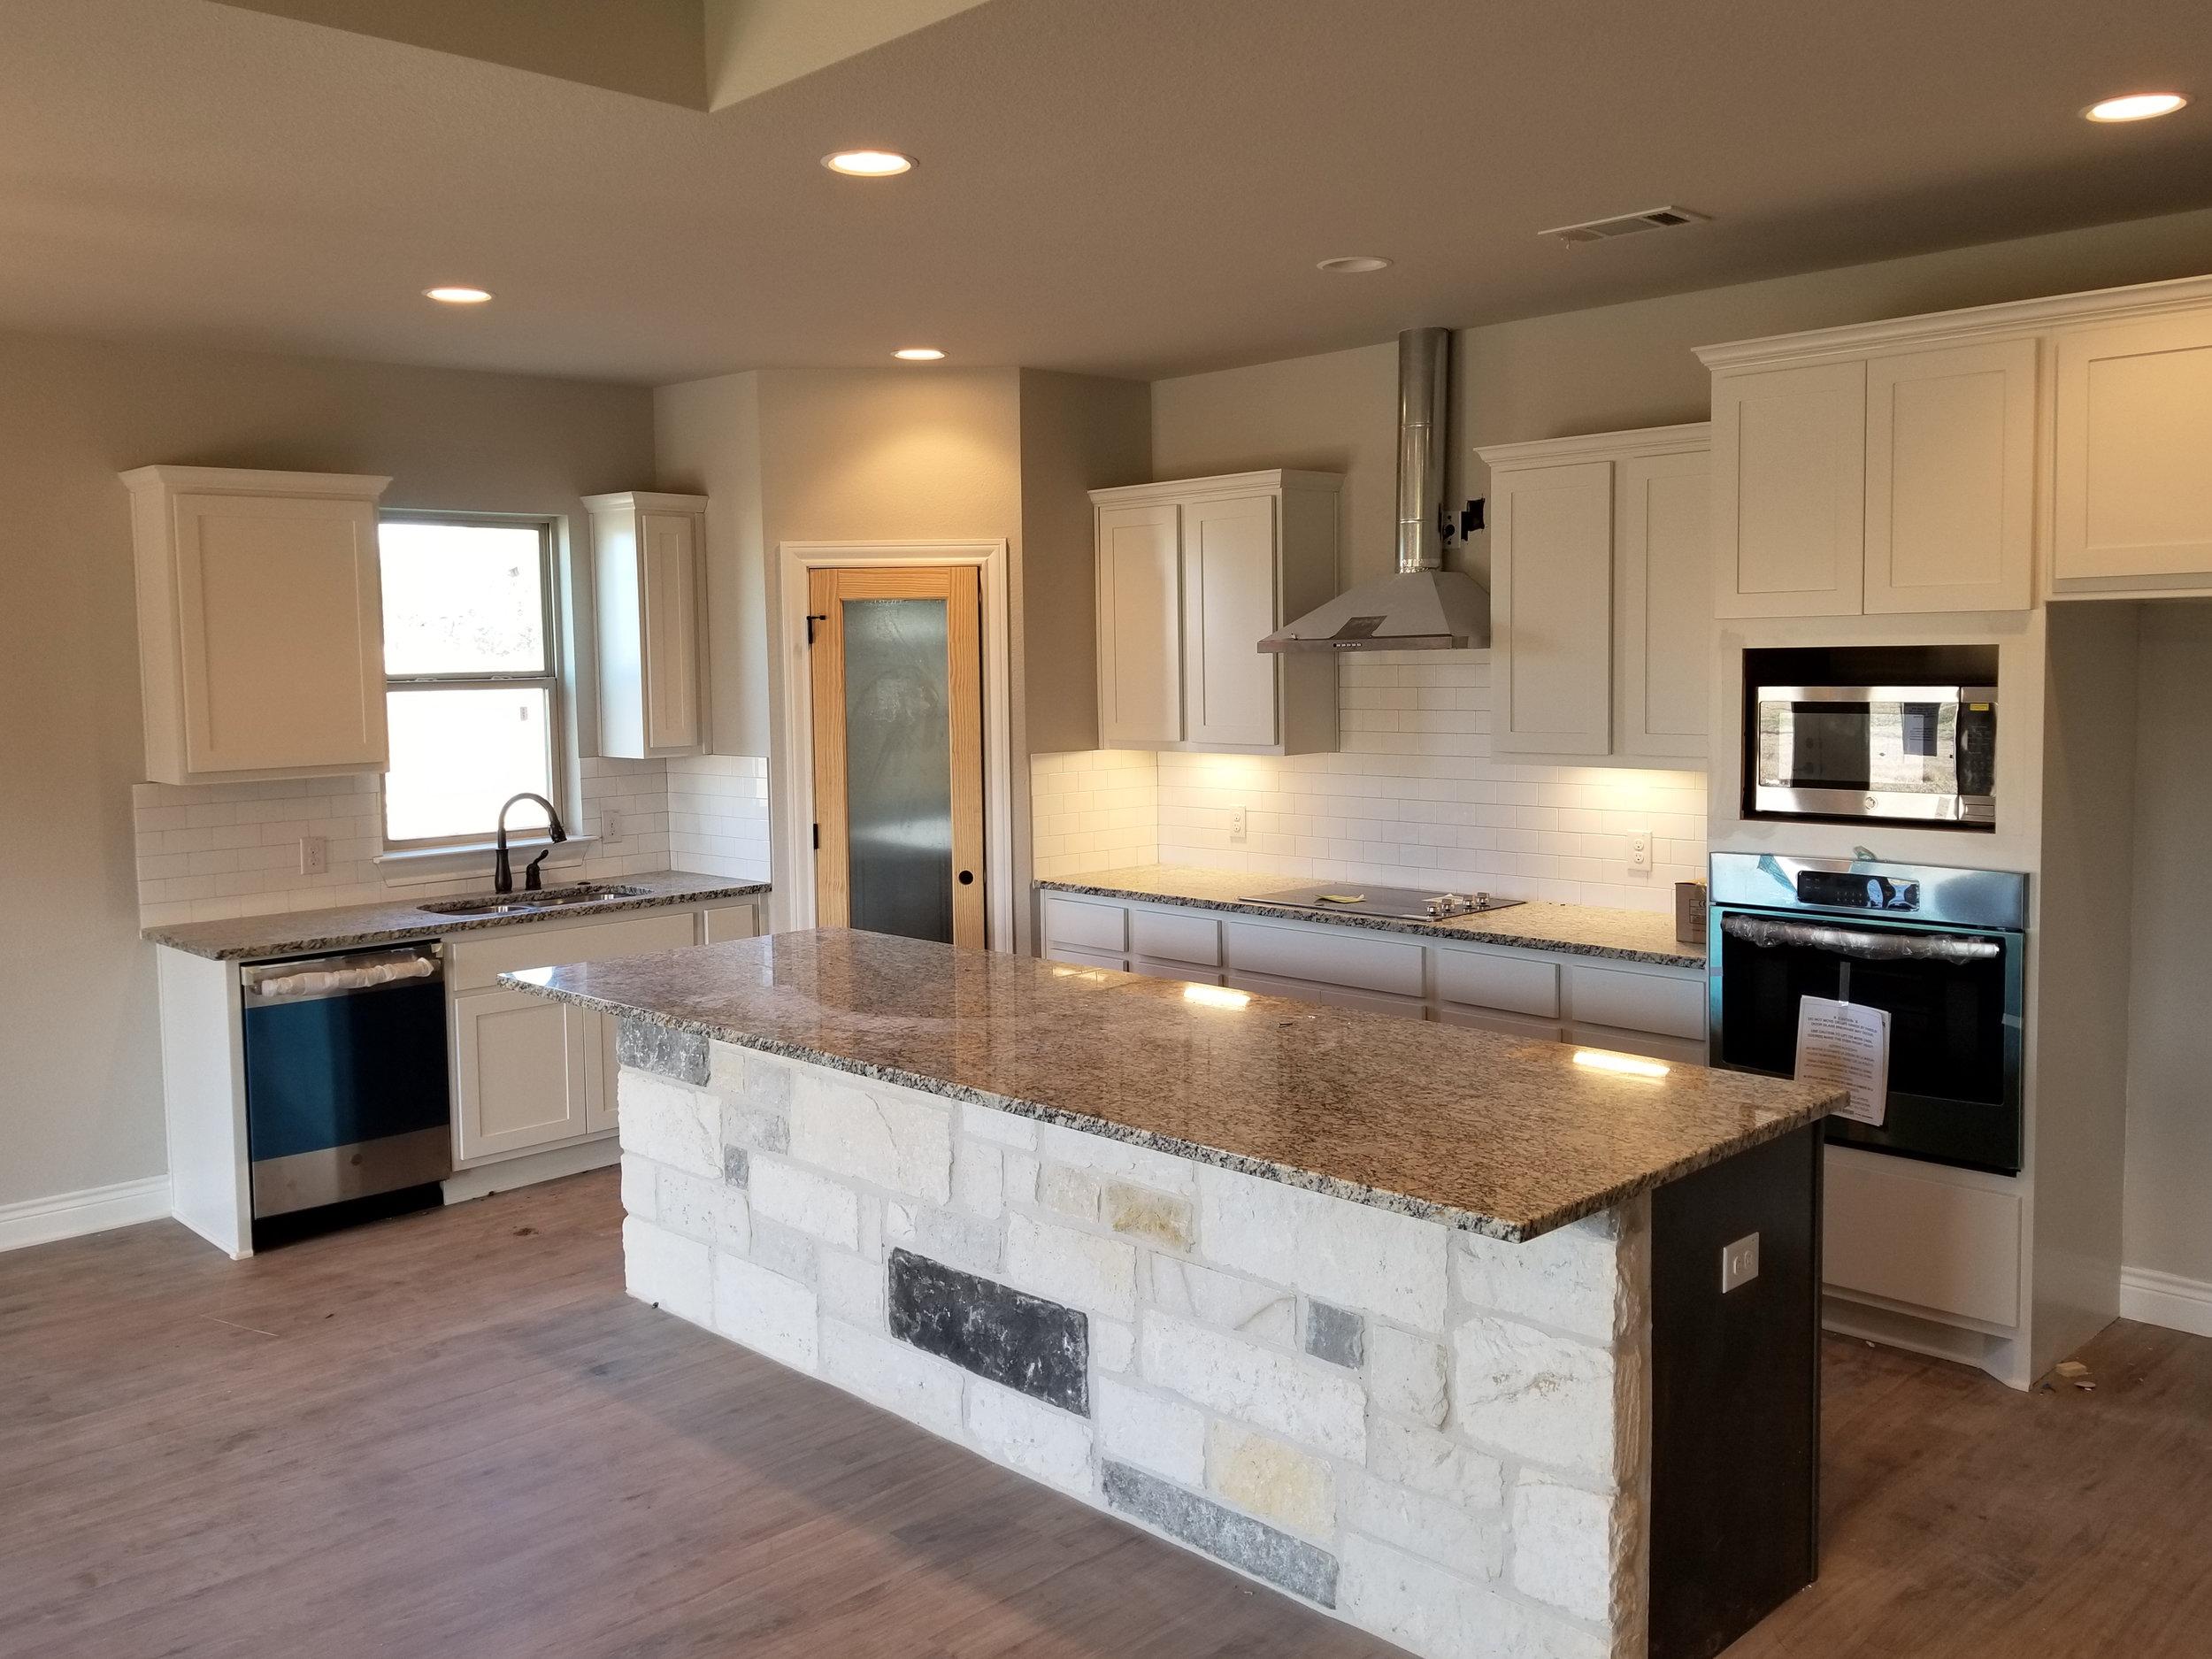 Kitchen 2 - 608 Dove Trail.jpeg